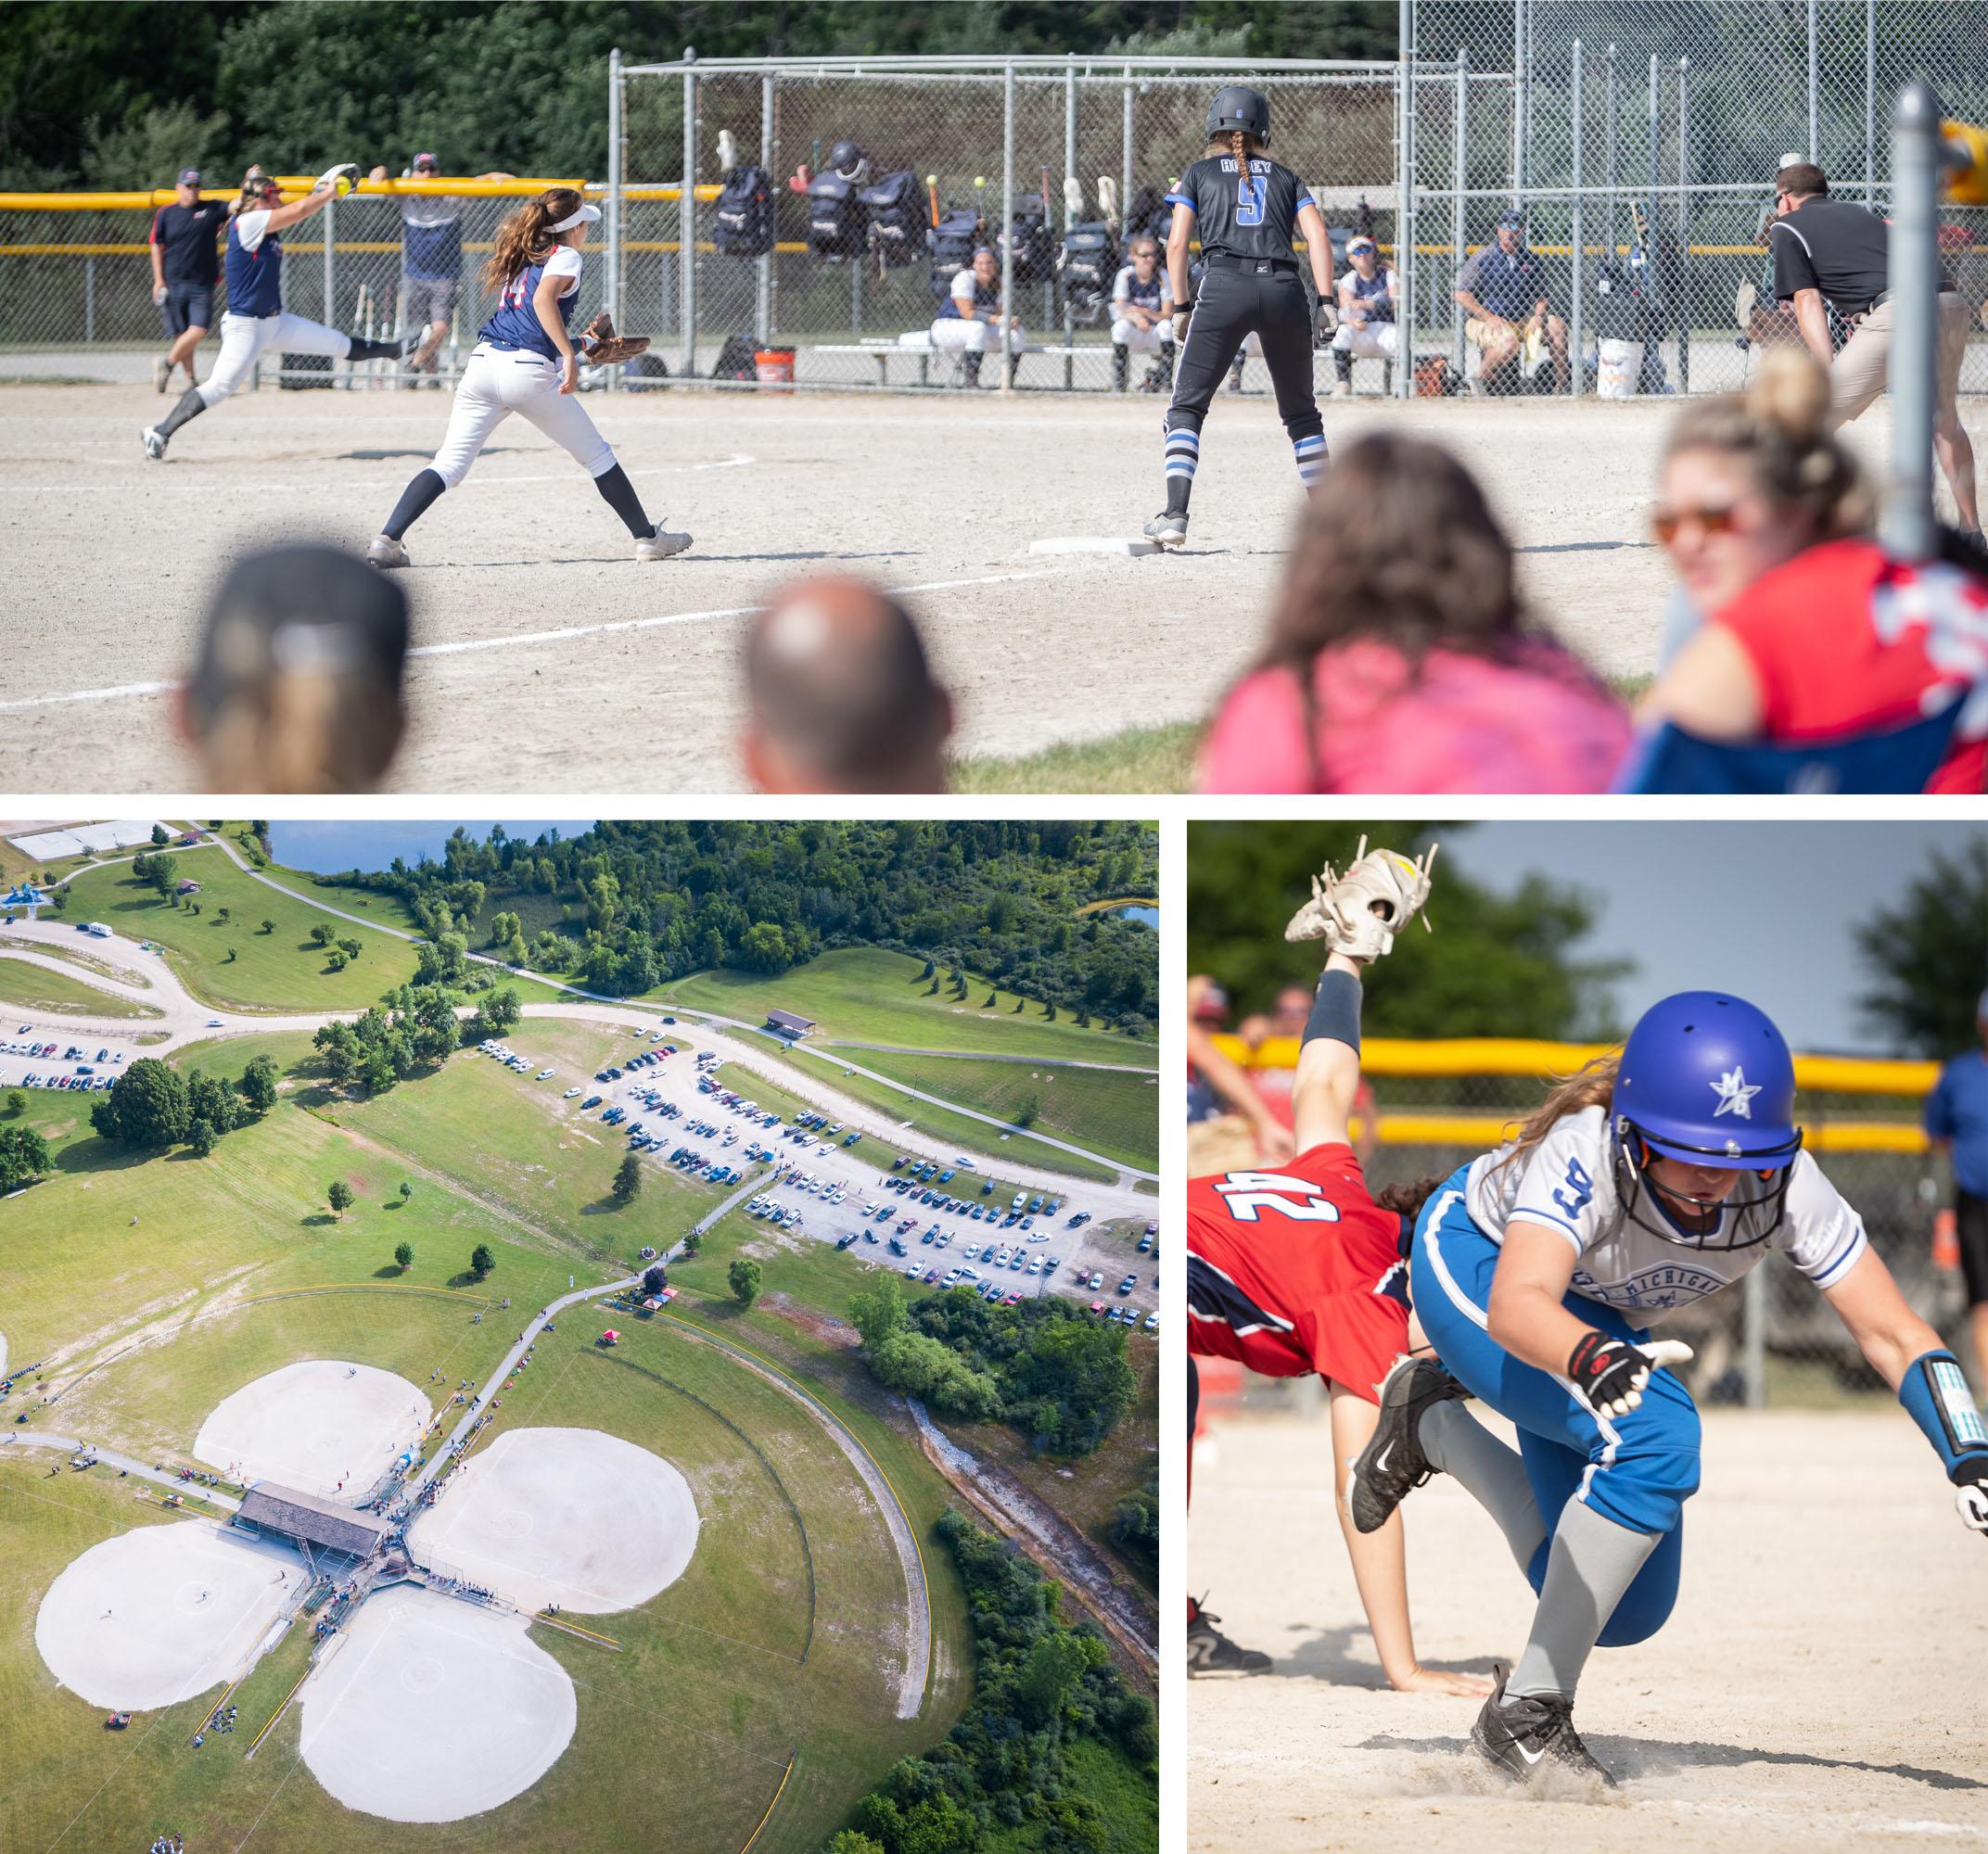 Firestix Softball Tournament held at Bicentennial Park in Grand Blanc, MI